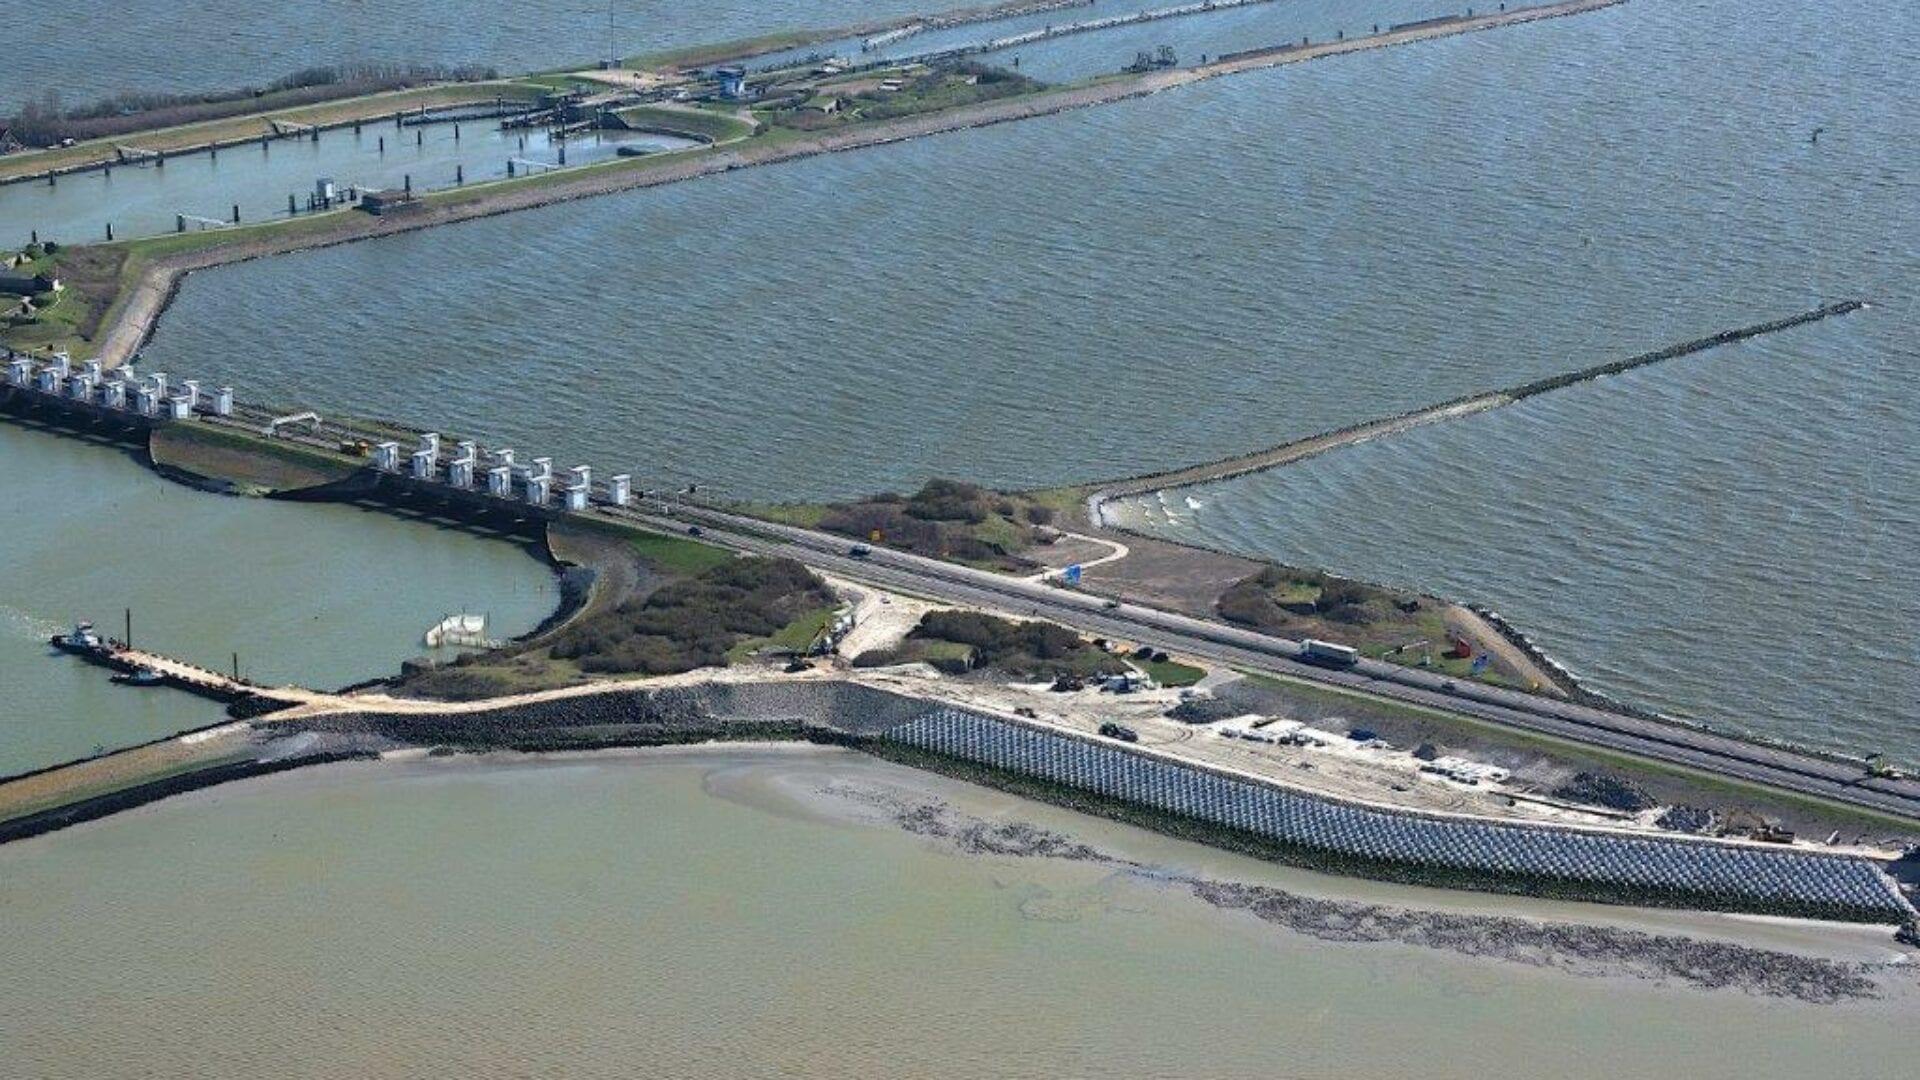 Luchtfoto van boven met in beeld de Afsluitdijk. Op de foto zie je de sluizen van Kornwerderzand. Aan de zijkanten zie je het water van het IJsselmeer en de Waddenzee. De weg aan de kant van de Waddenzee heeft een speciale wand met blokken.